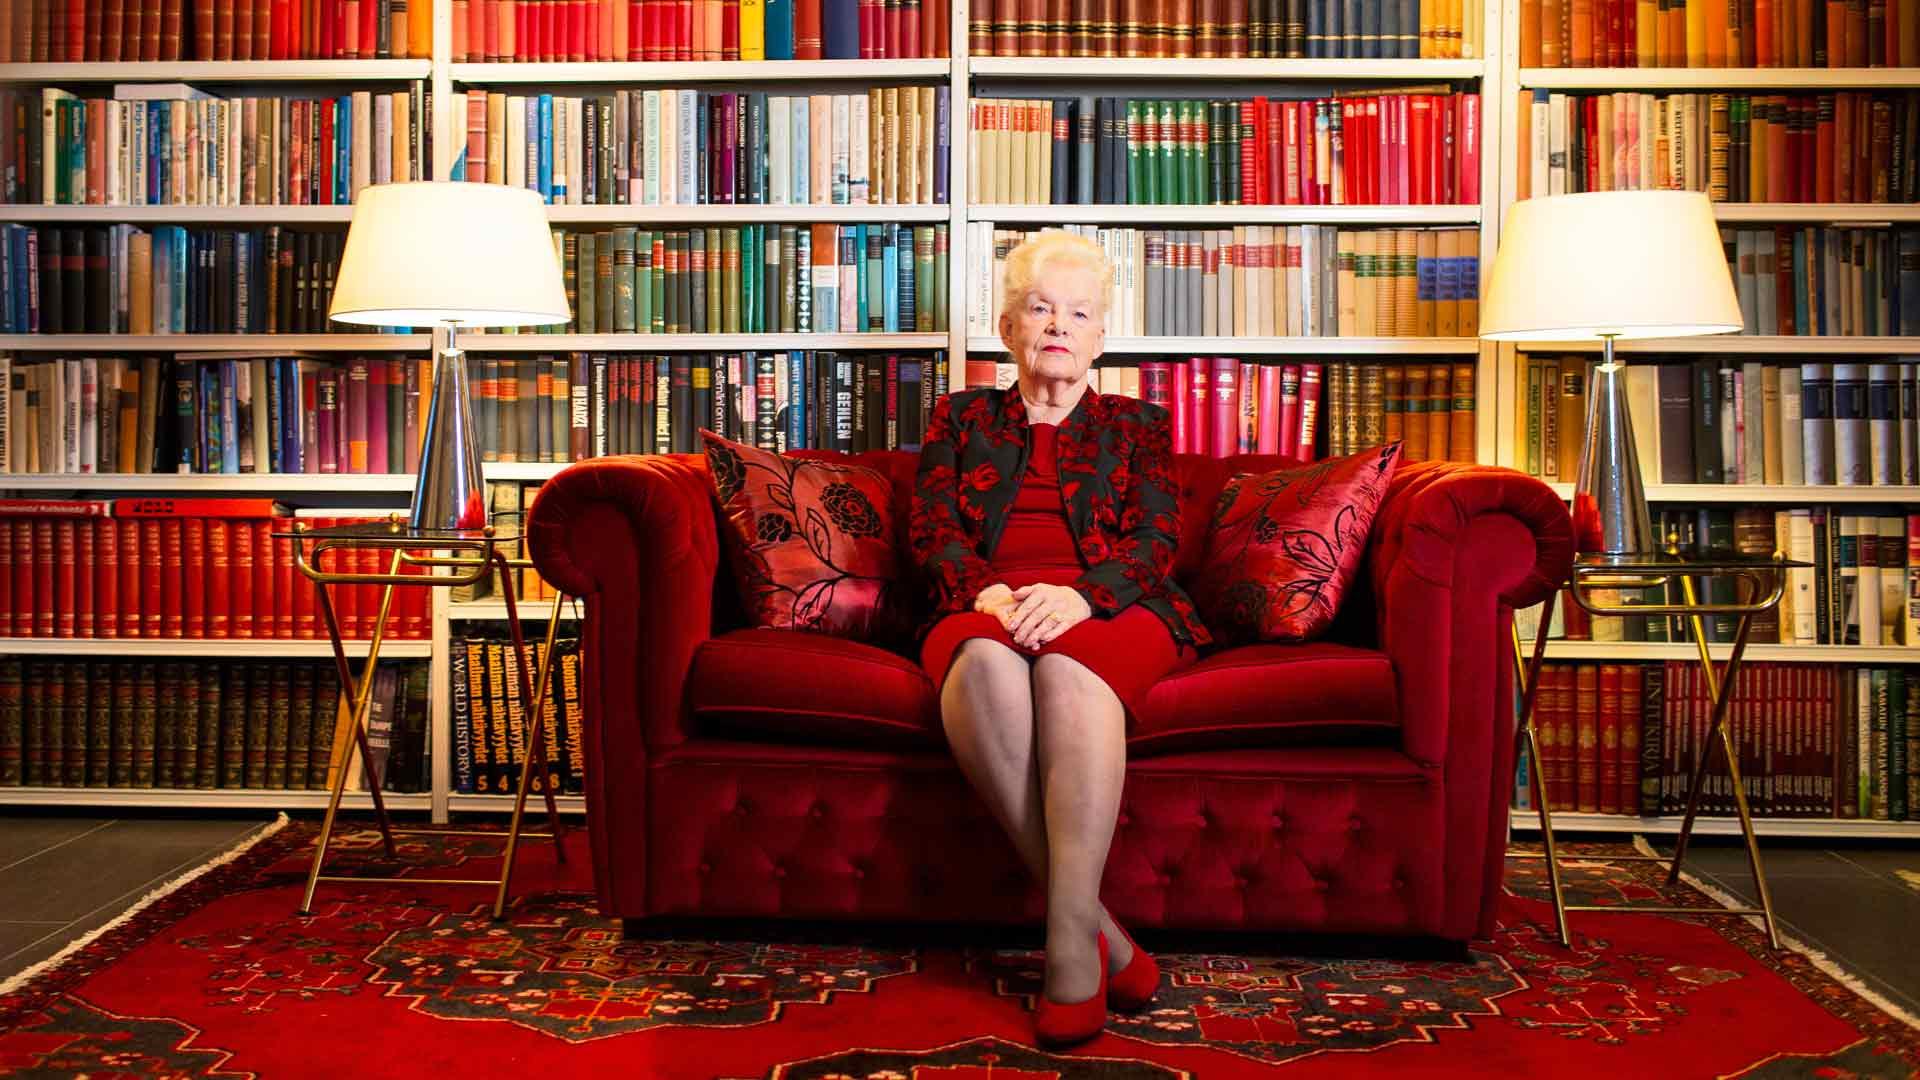 Raunon kokoama kirjasto on Pirjolle tärkeä tietolähde romaanien kirjoittamisessa. Kirjojen äärellä Pirjo tuntee usein myös miehensä läsnäolon.